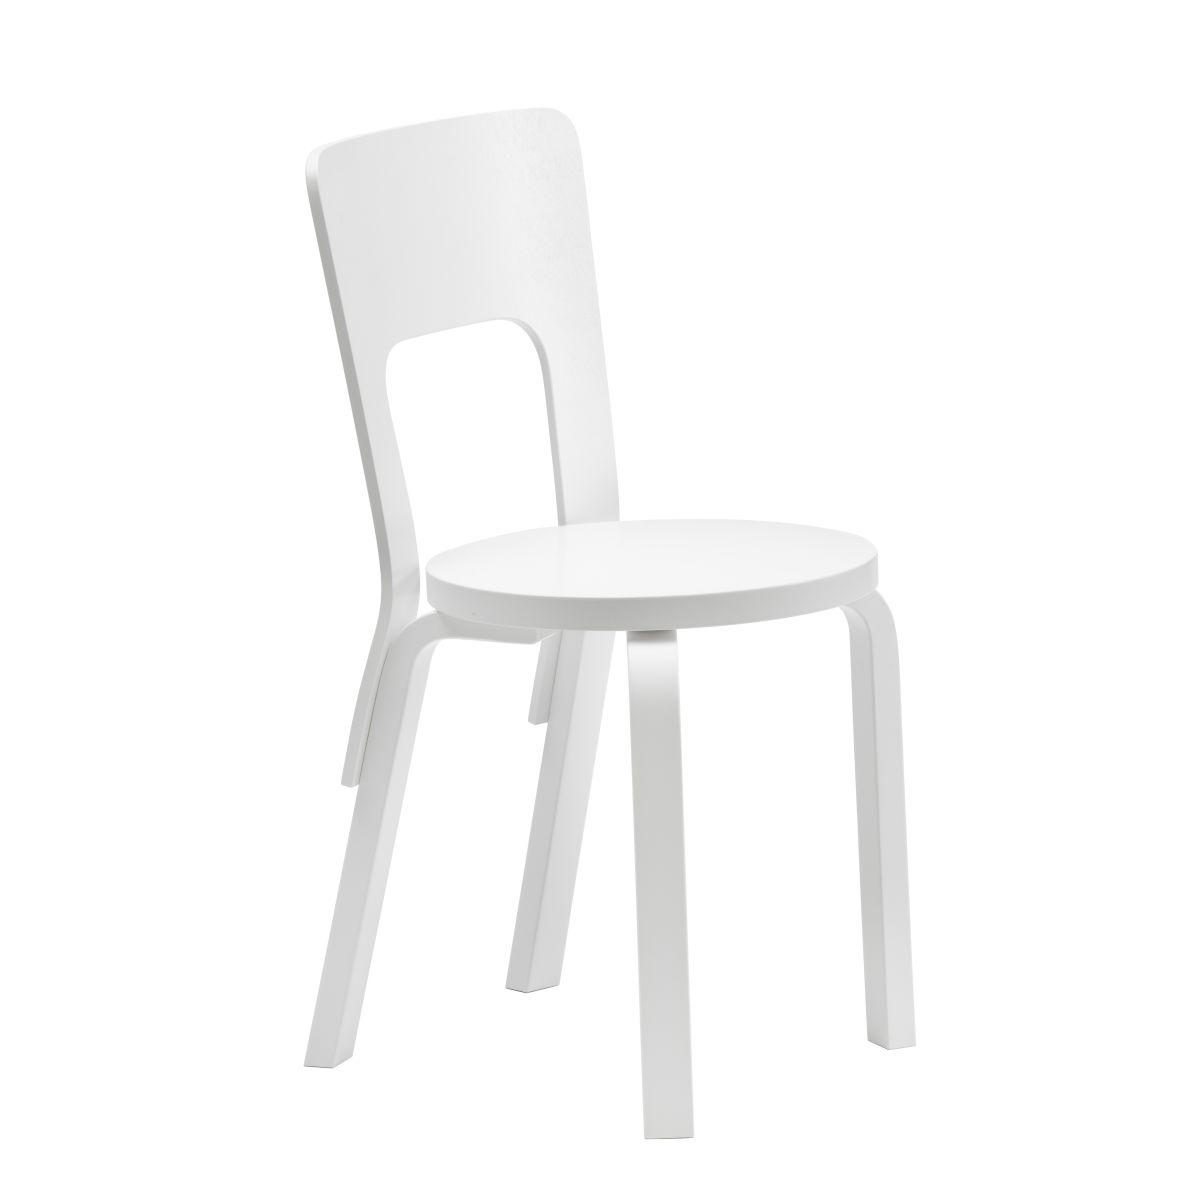 Chair-66-White